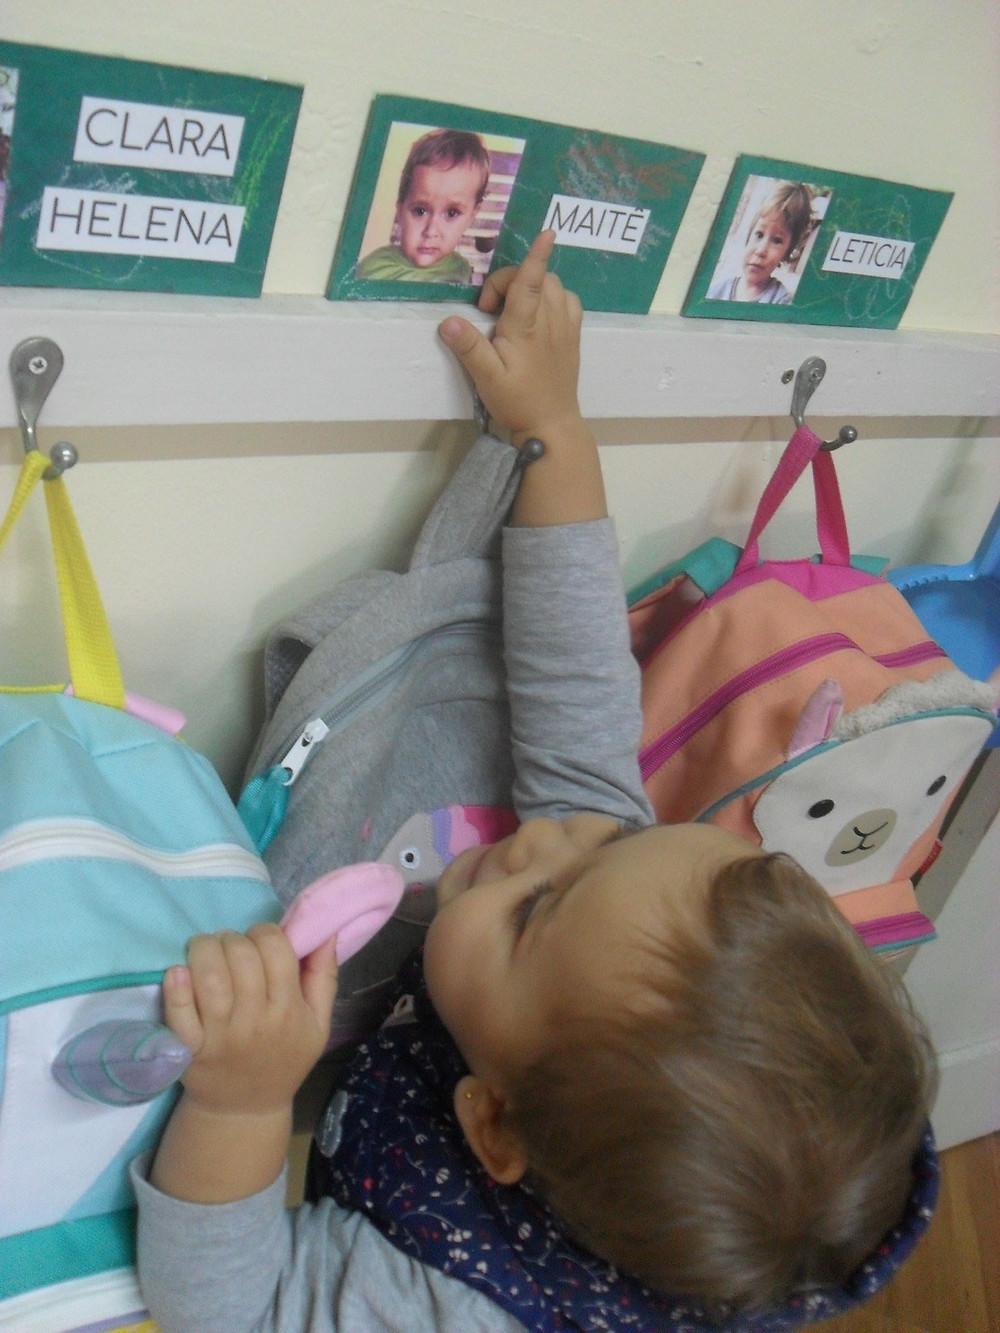 Criança apontando para o seu nome na parede